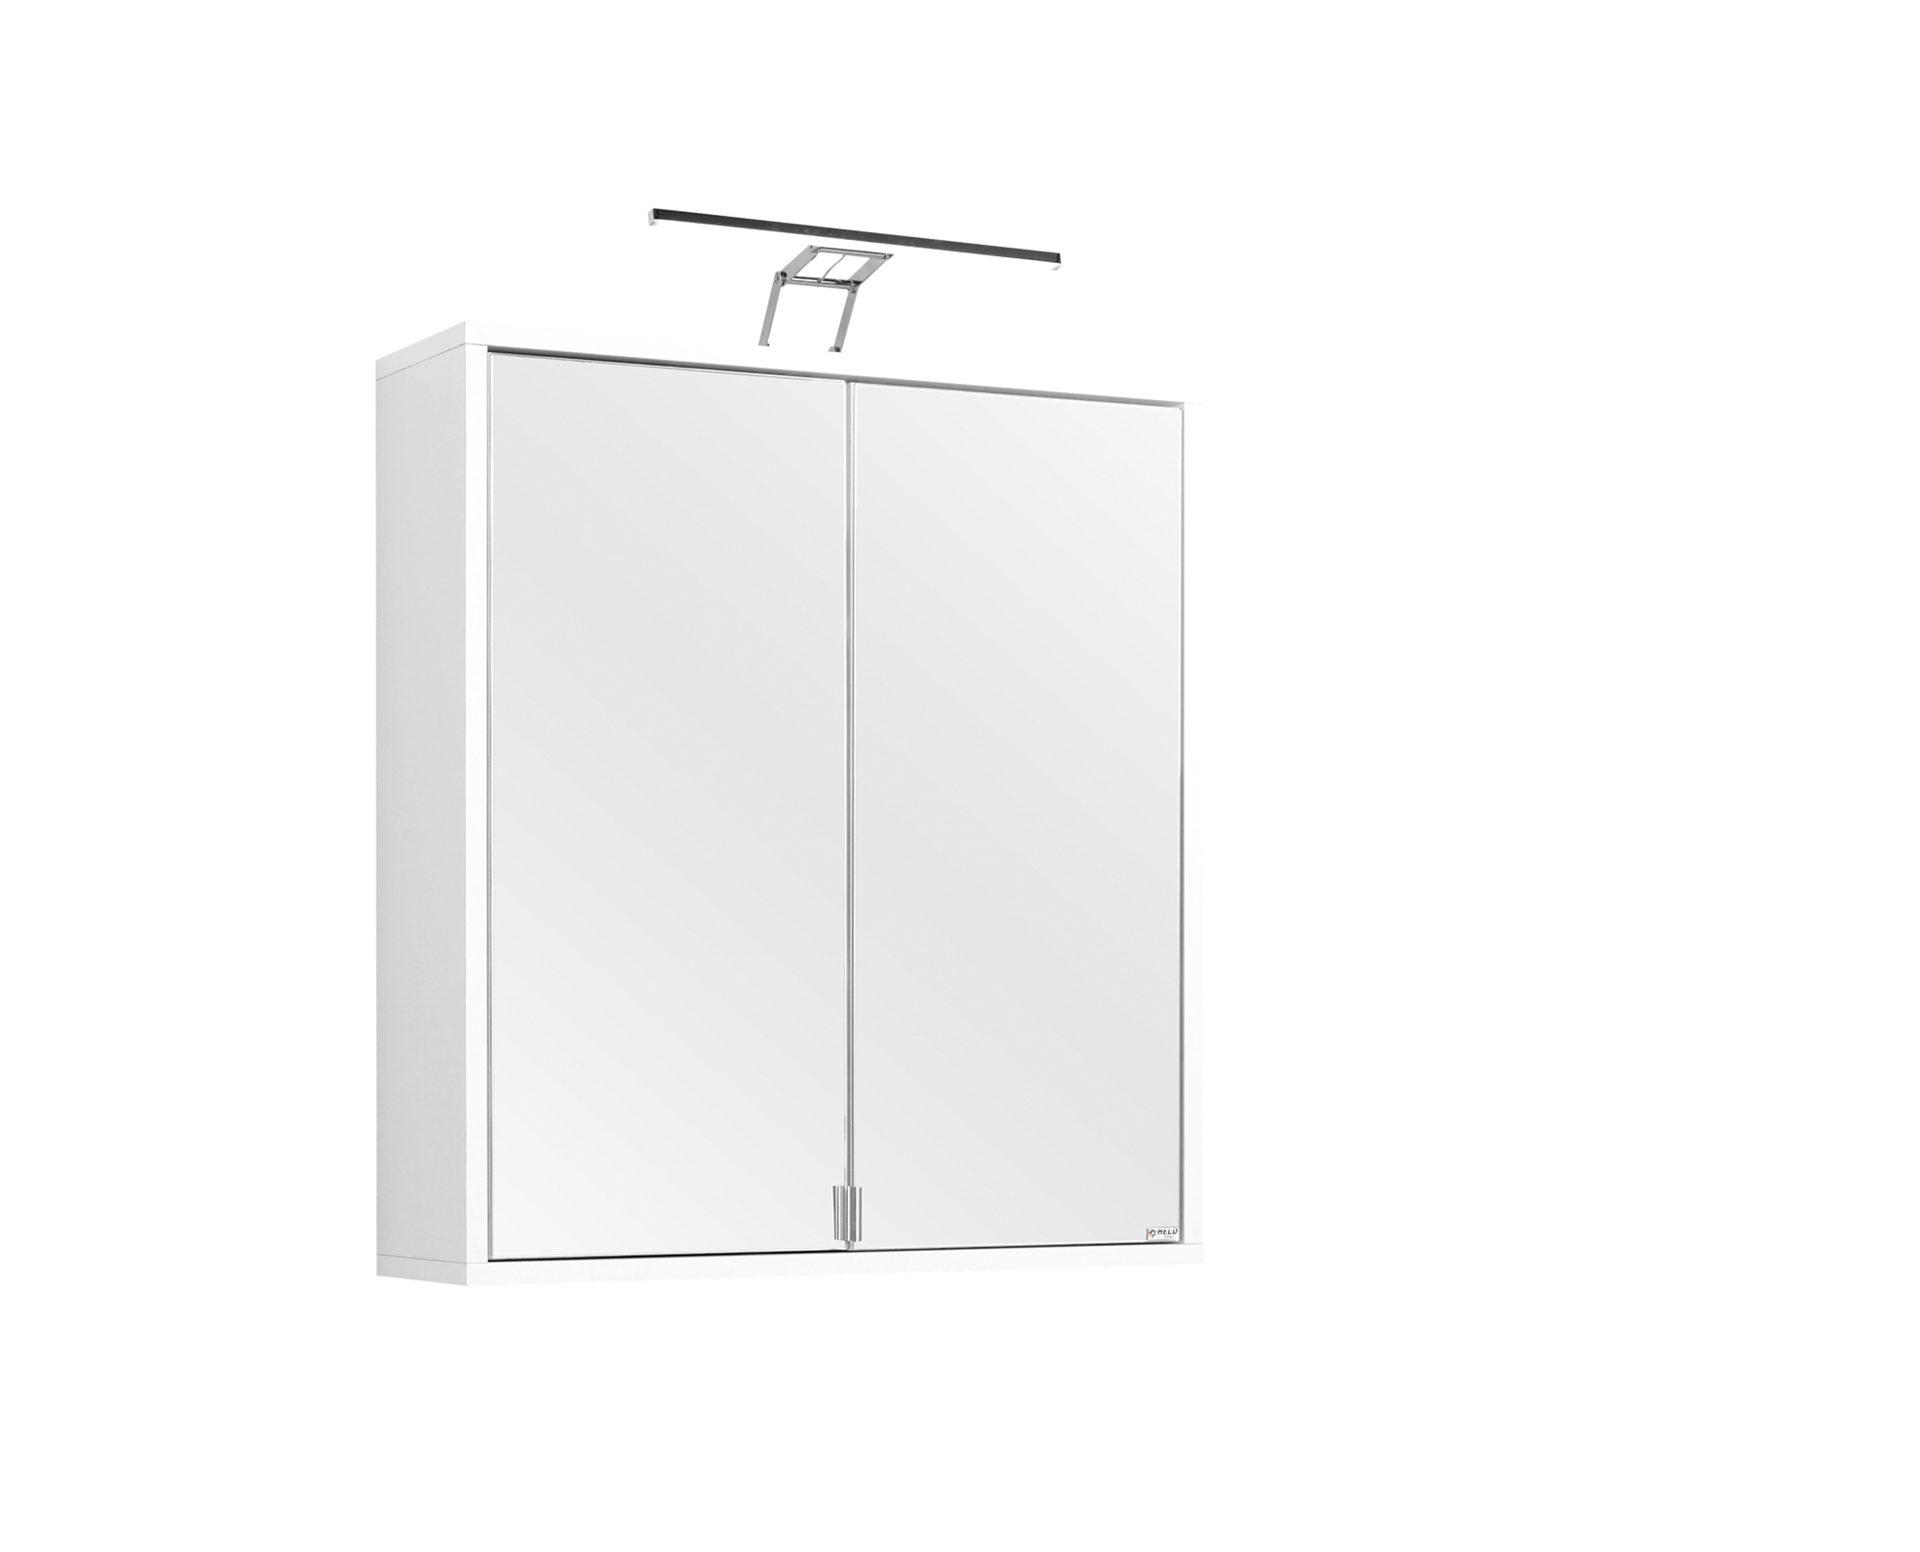 Badezimmer Spiegelschrank Badezimmerspiegel Badspiegel Badschrank